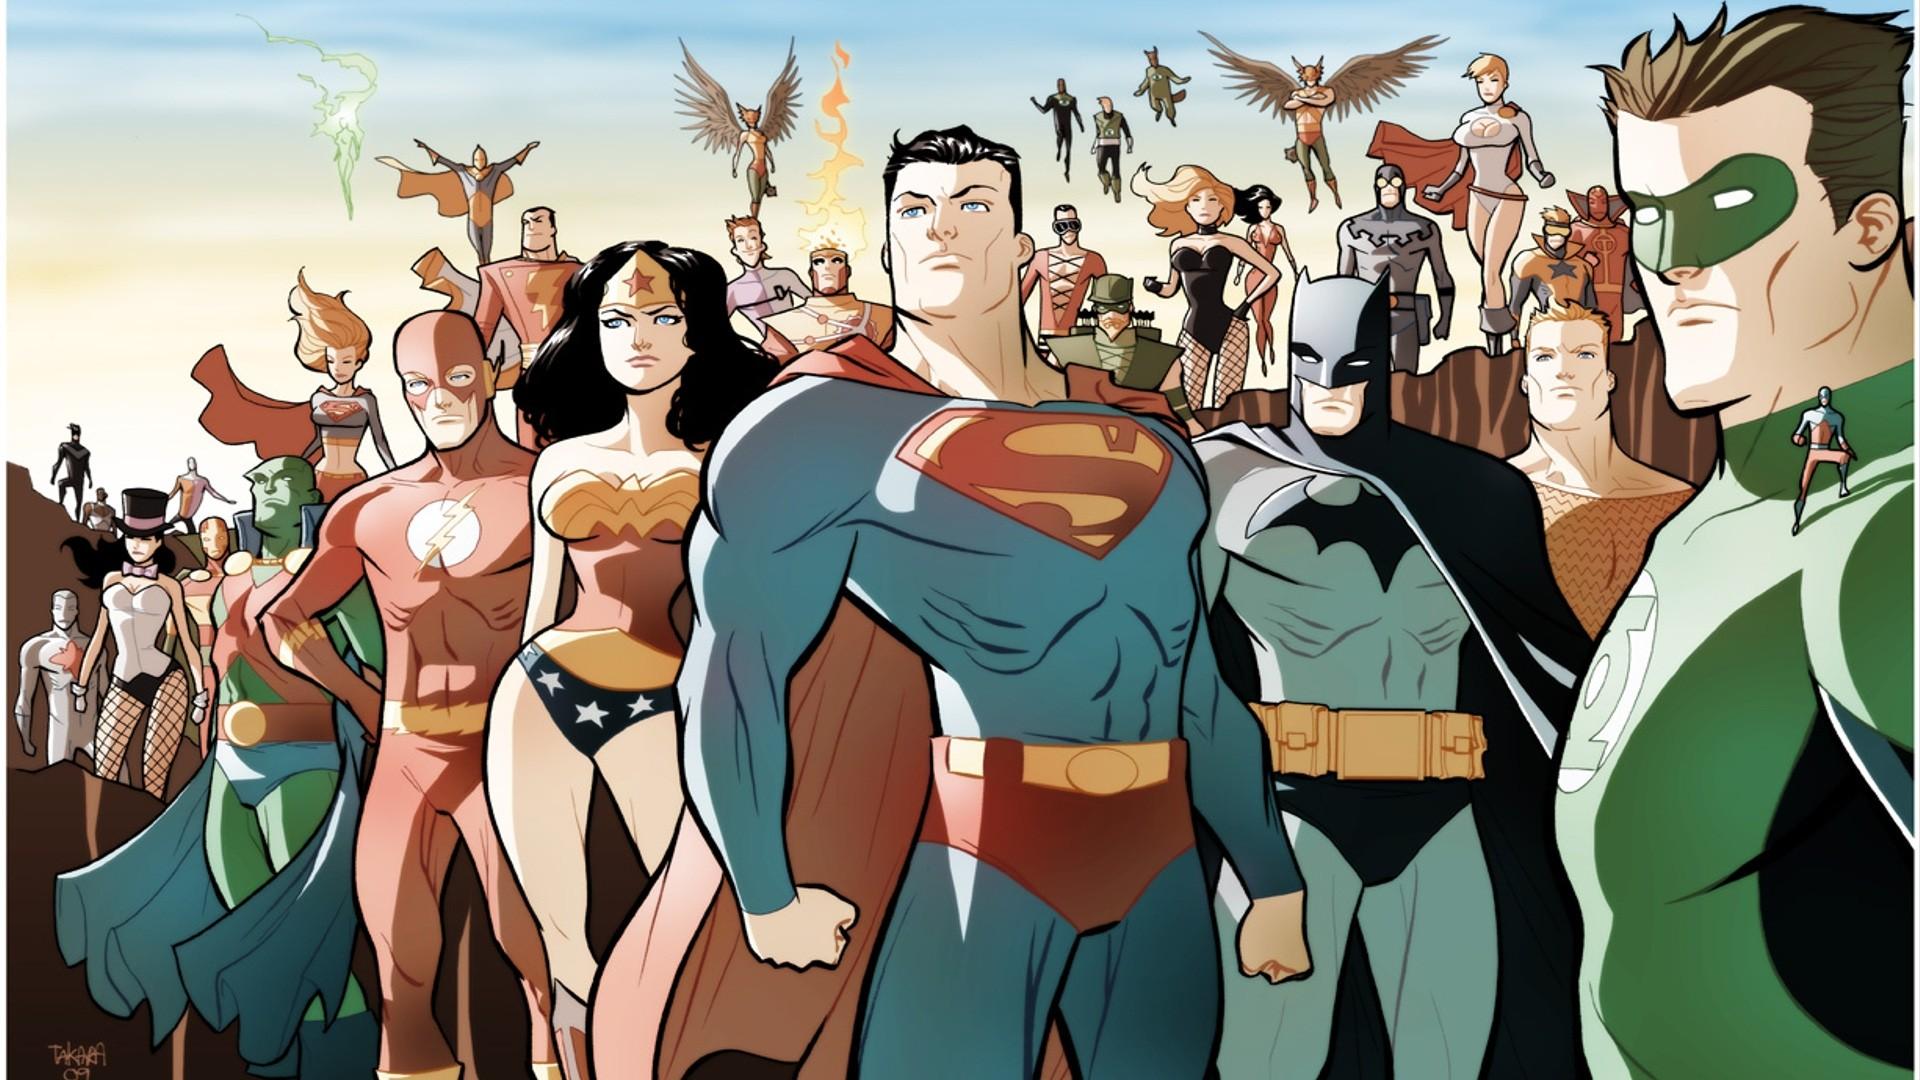 Wallpaper Ilustrasi Anime Karya Seni Batman Gambar Kartun